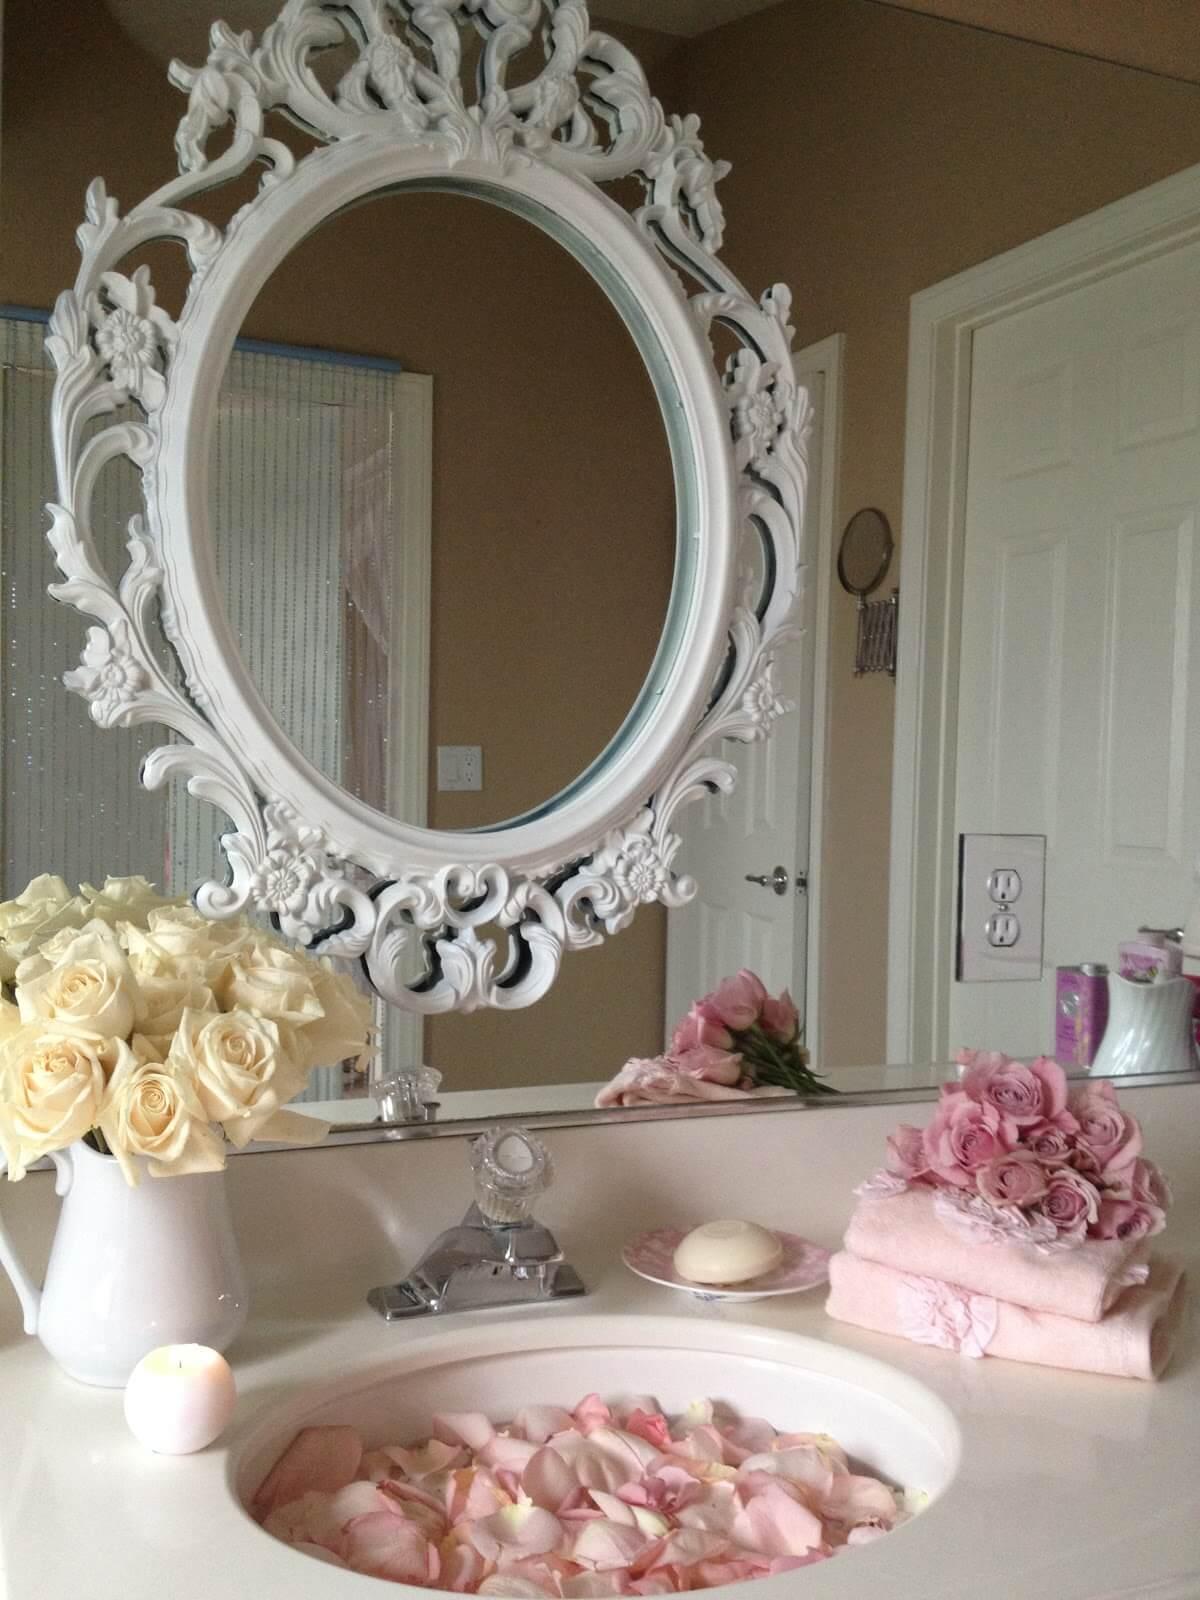 Cadre de miroir au-dessus de l'évier Pretty Vintage